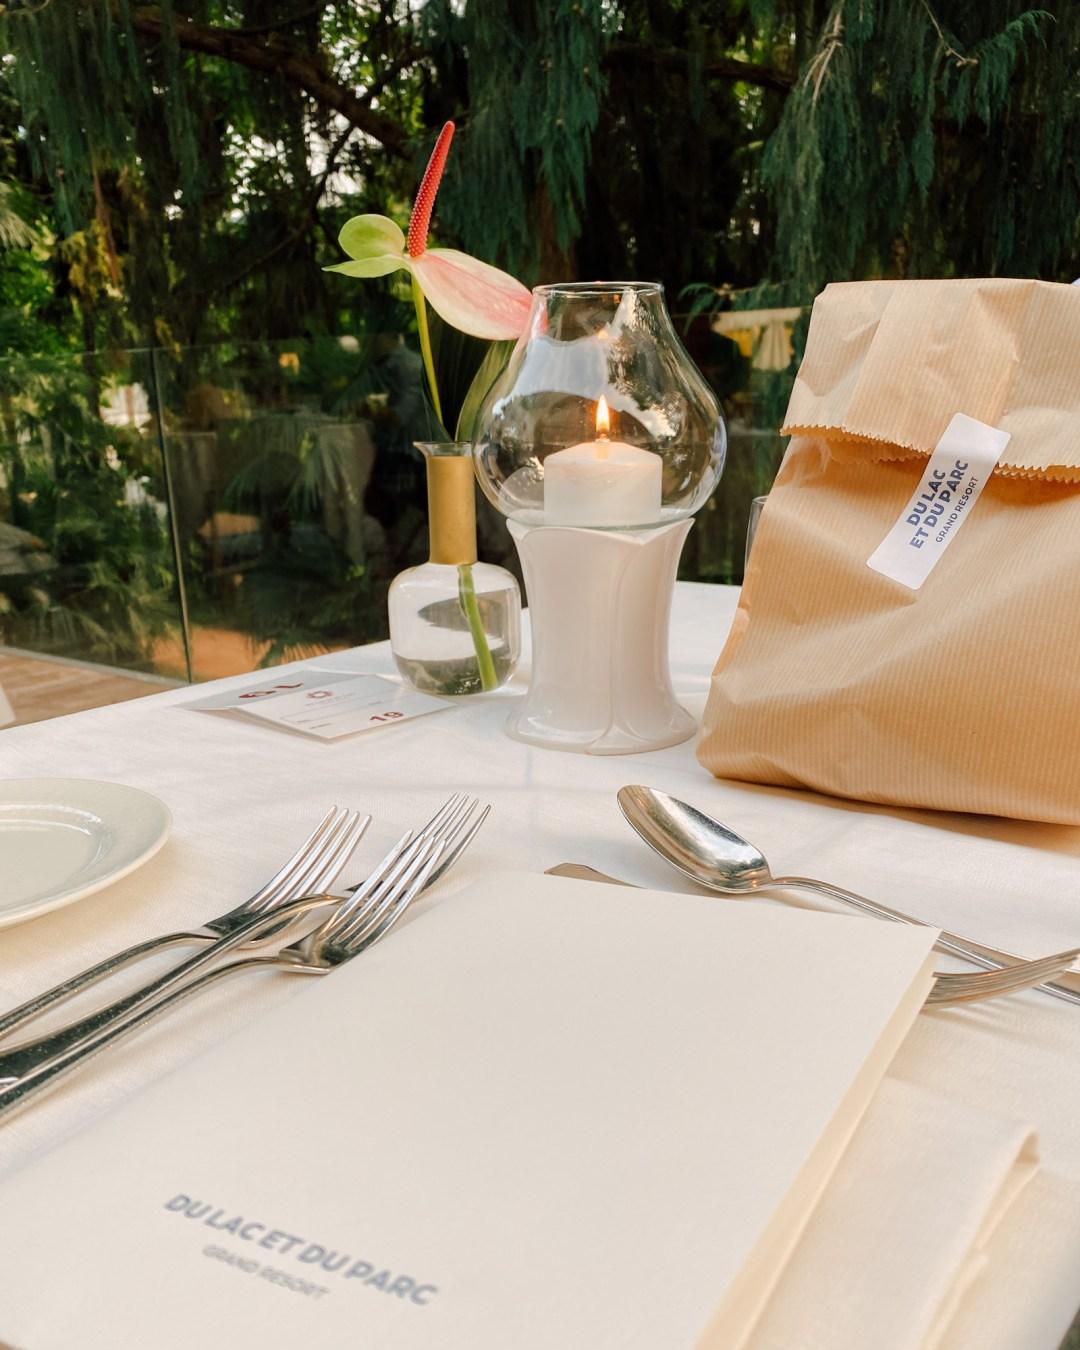 Inastil, Gardasee, Hotel Du Parc et Du Lac, Sommerstyle, Ü50Travelblogger, Riva del Garda, Urlaub, Auszeit, Sommerurlaub, Familienurlaub-91